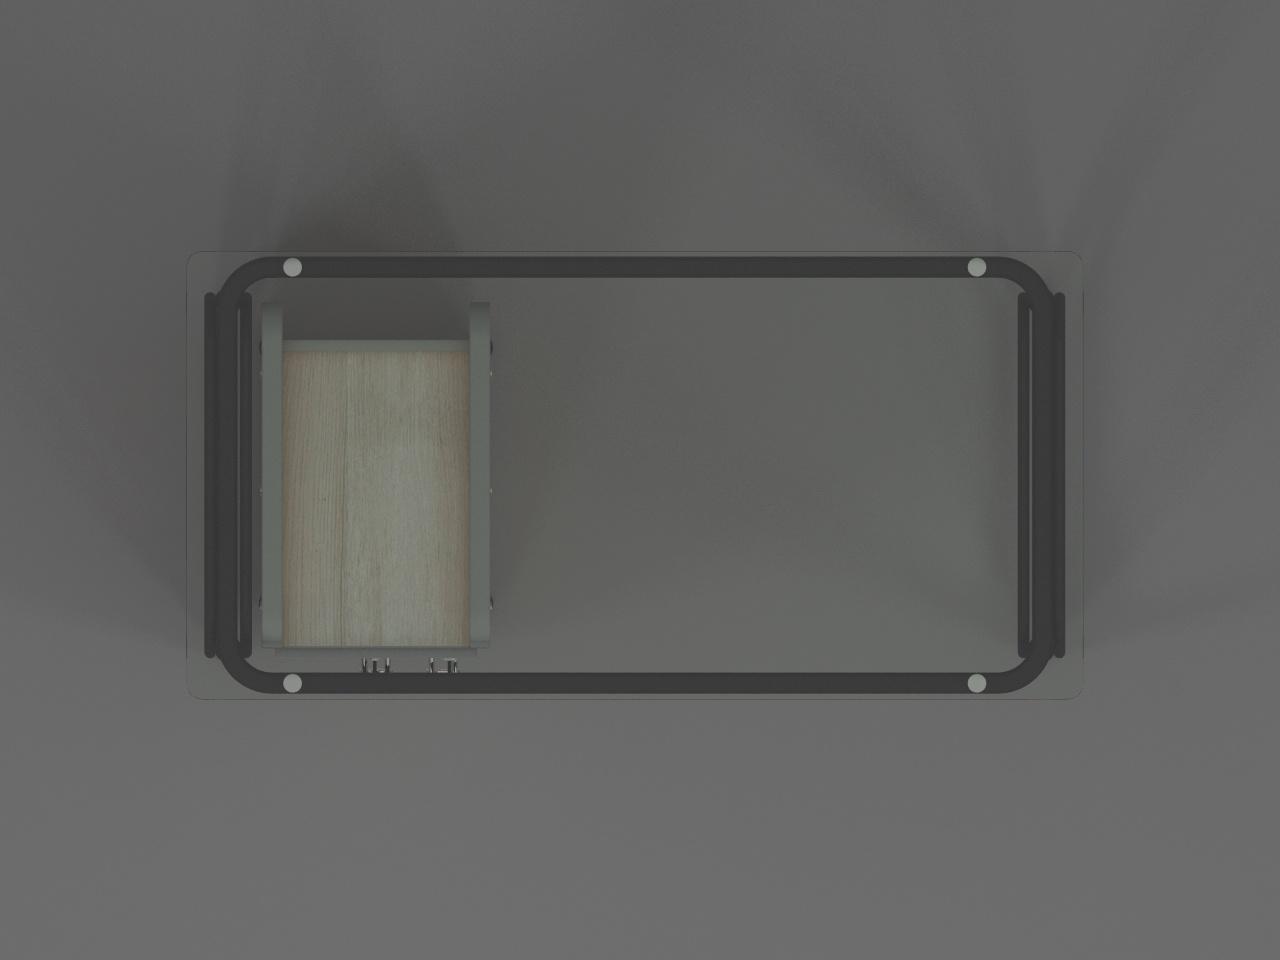 escritorio secretarial metal glass o1 120 x 60 cm con base